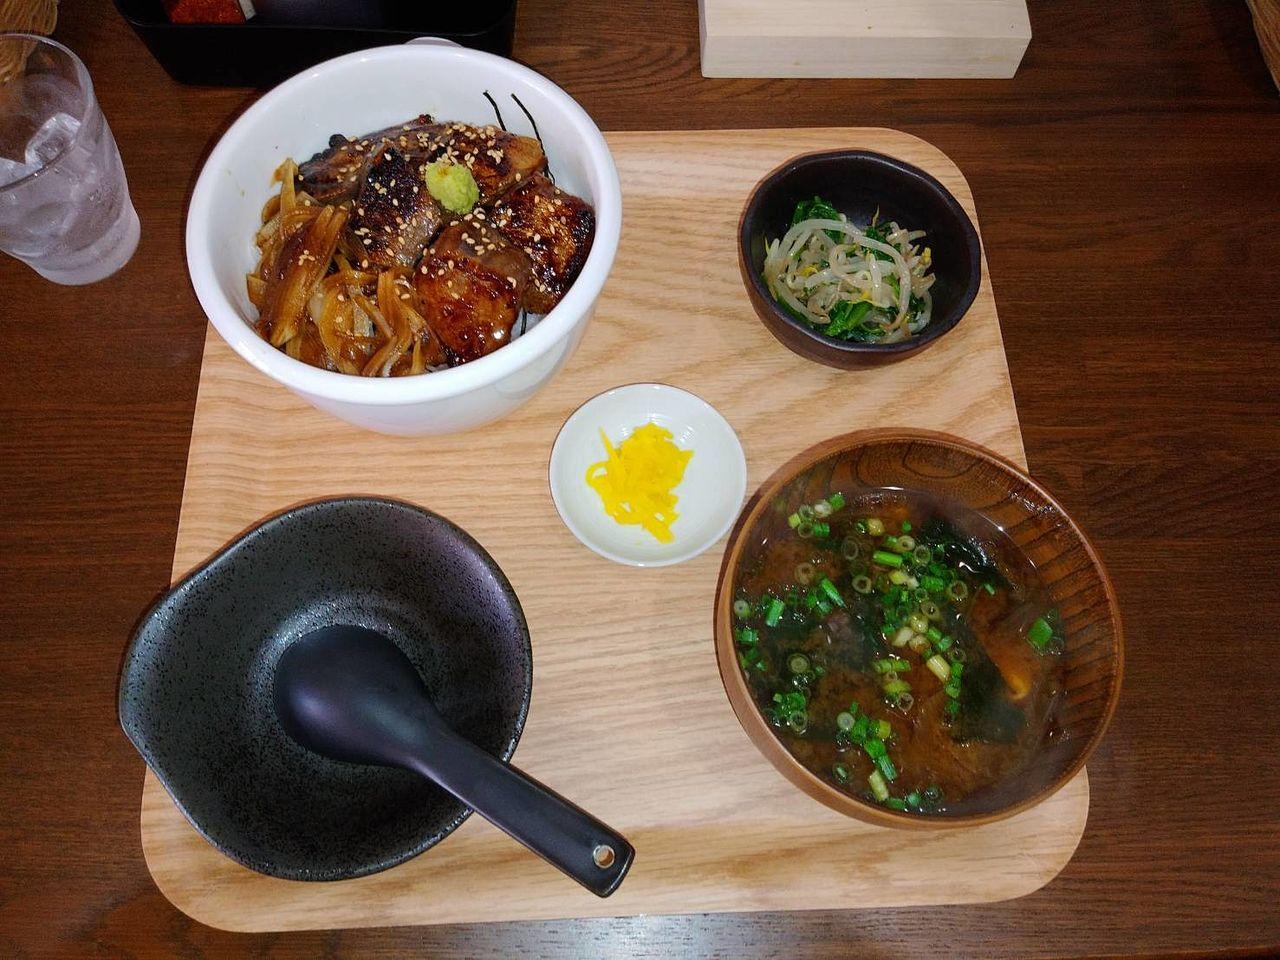 メインの丼物、小鉢、みそ汁、漬物 です。プラス200円で汁ものがうどんかそばに変更可能になります。